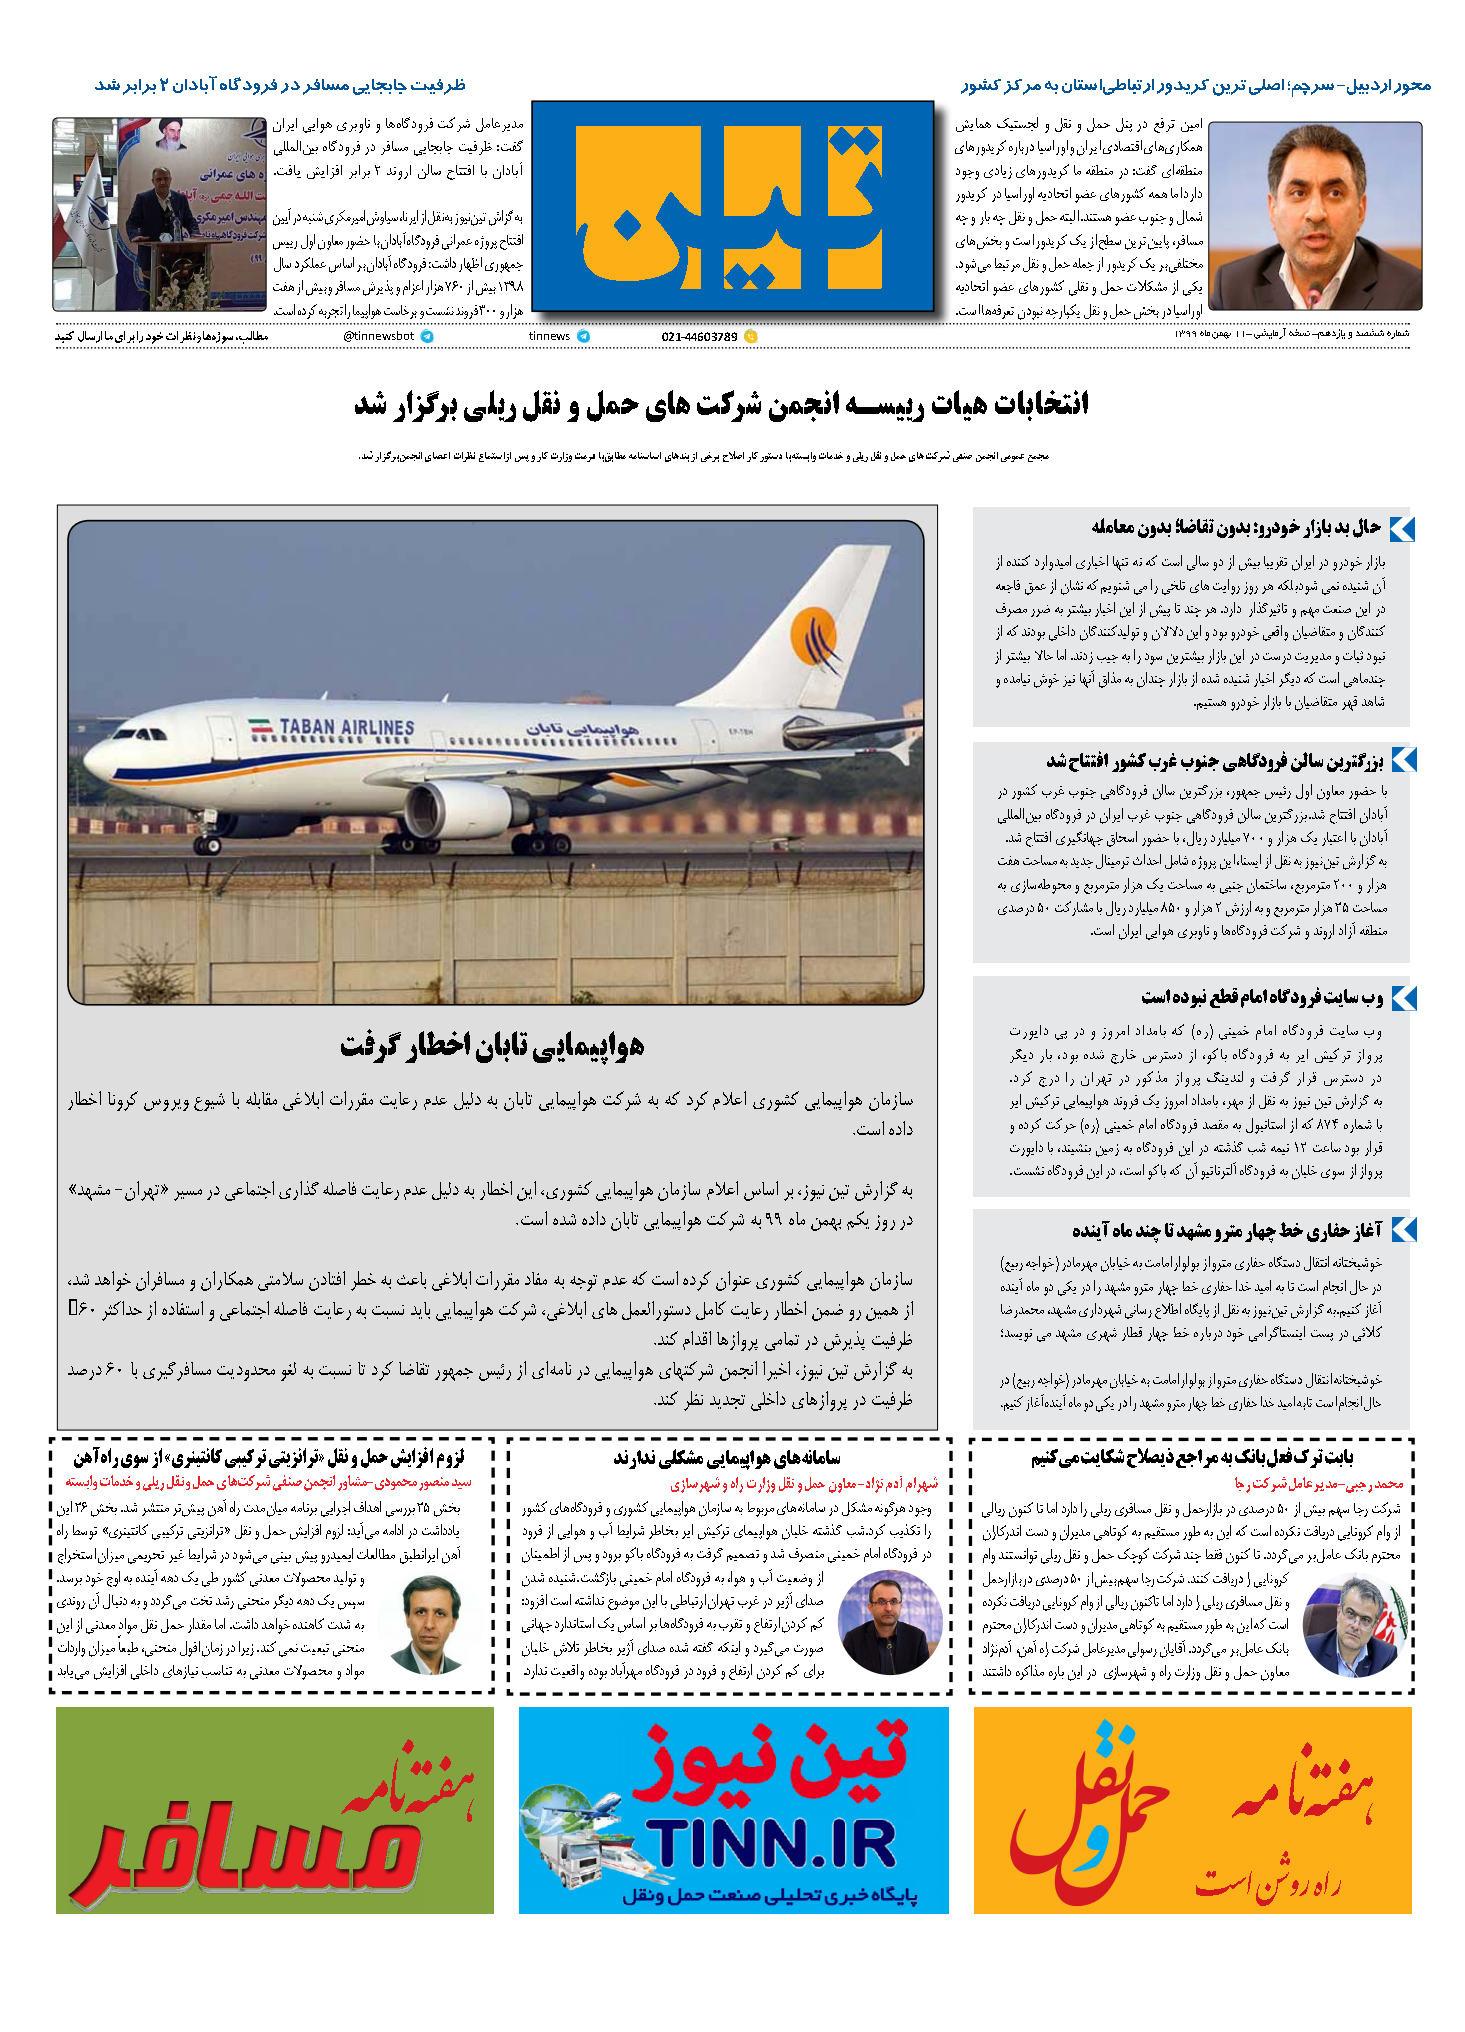 روزنامه الکترونیک 11 بهمن ماه 99